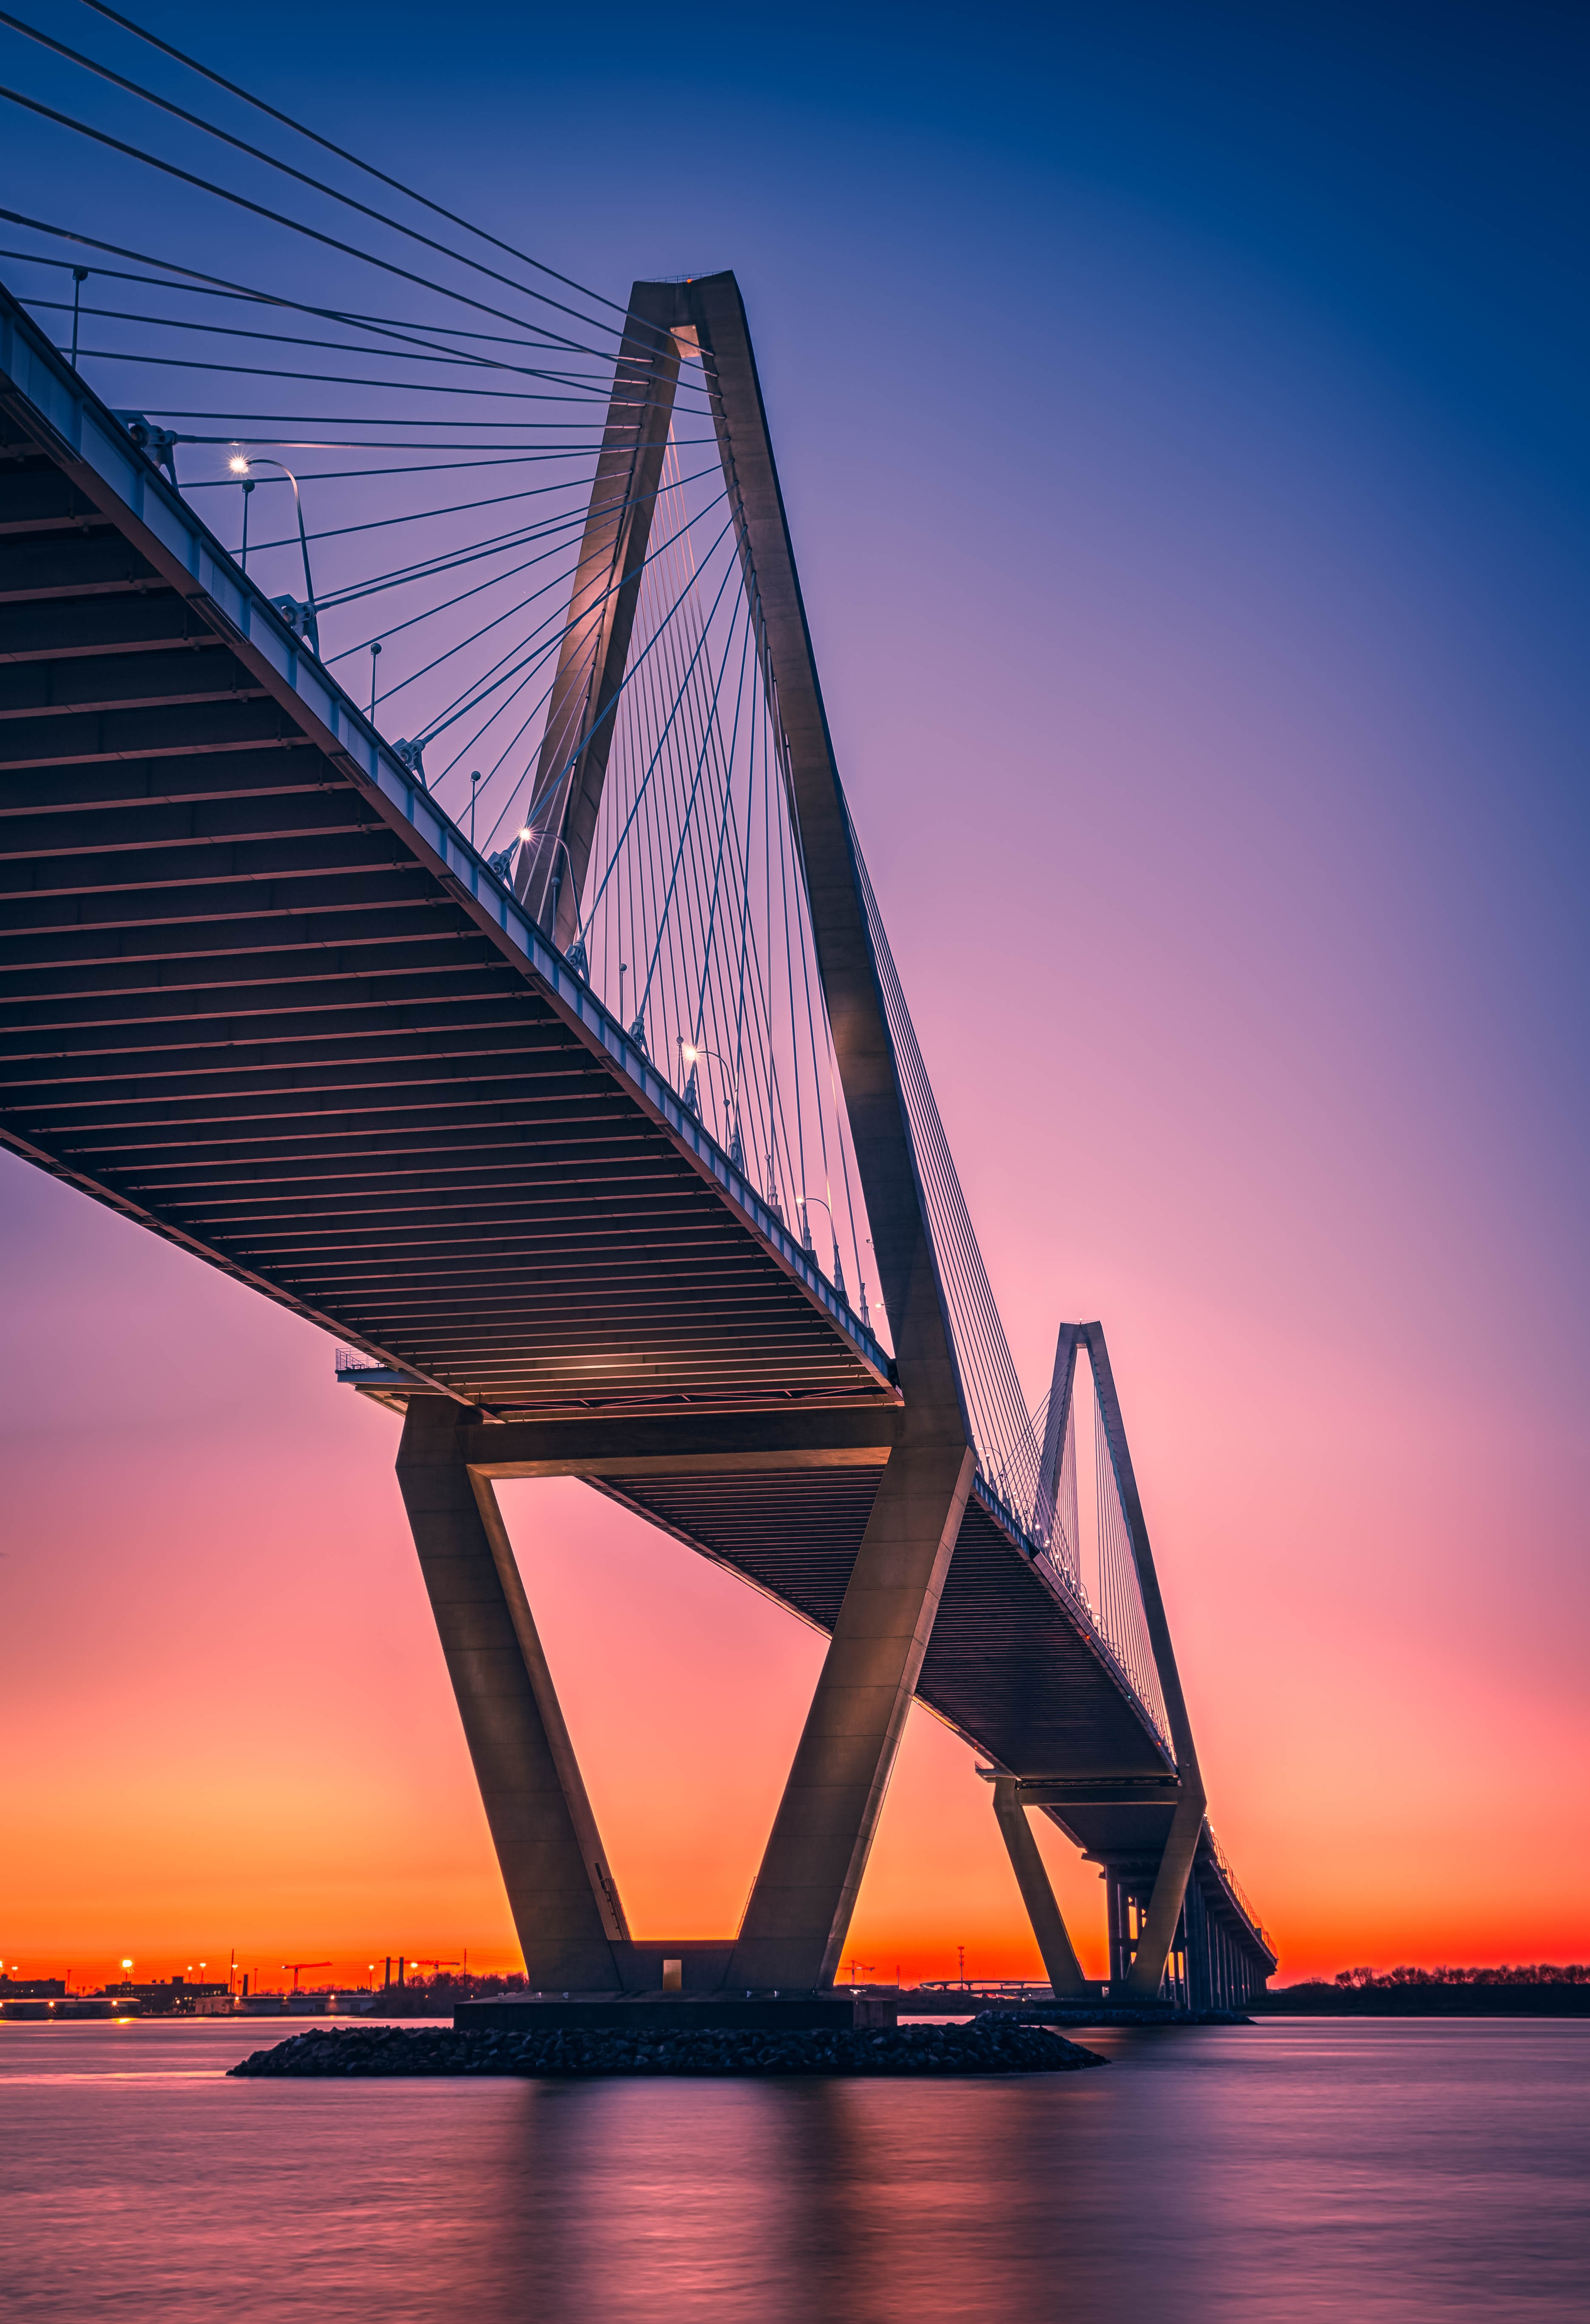 100567 обои 720x1520 на телефон бесплатно, скачать картинки Города, Закат, Архитектура, Мост, Конструкция 720x1520 на мобильный